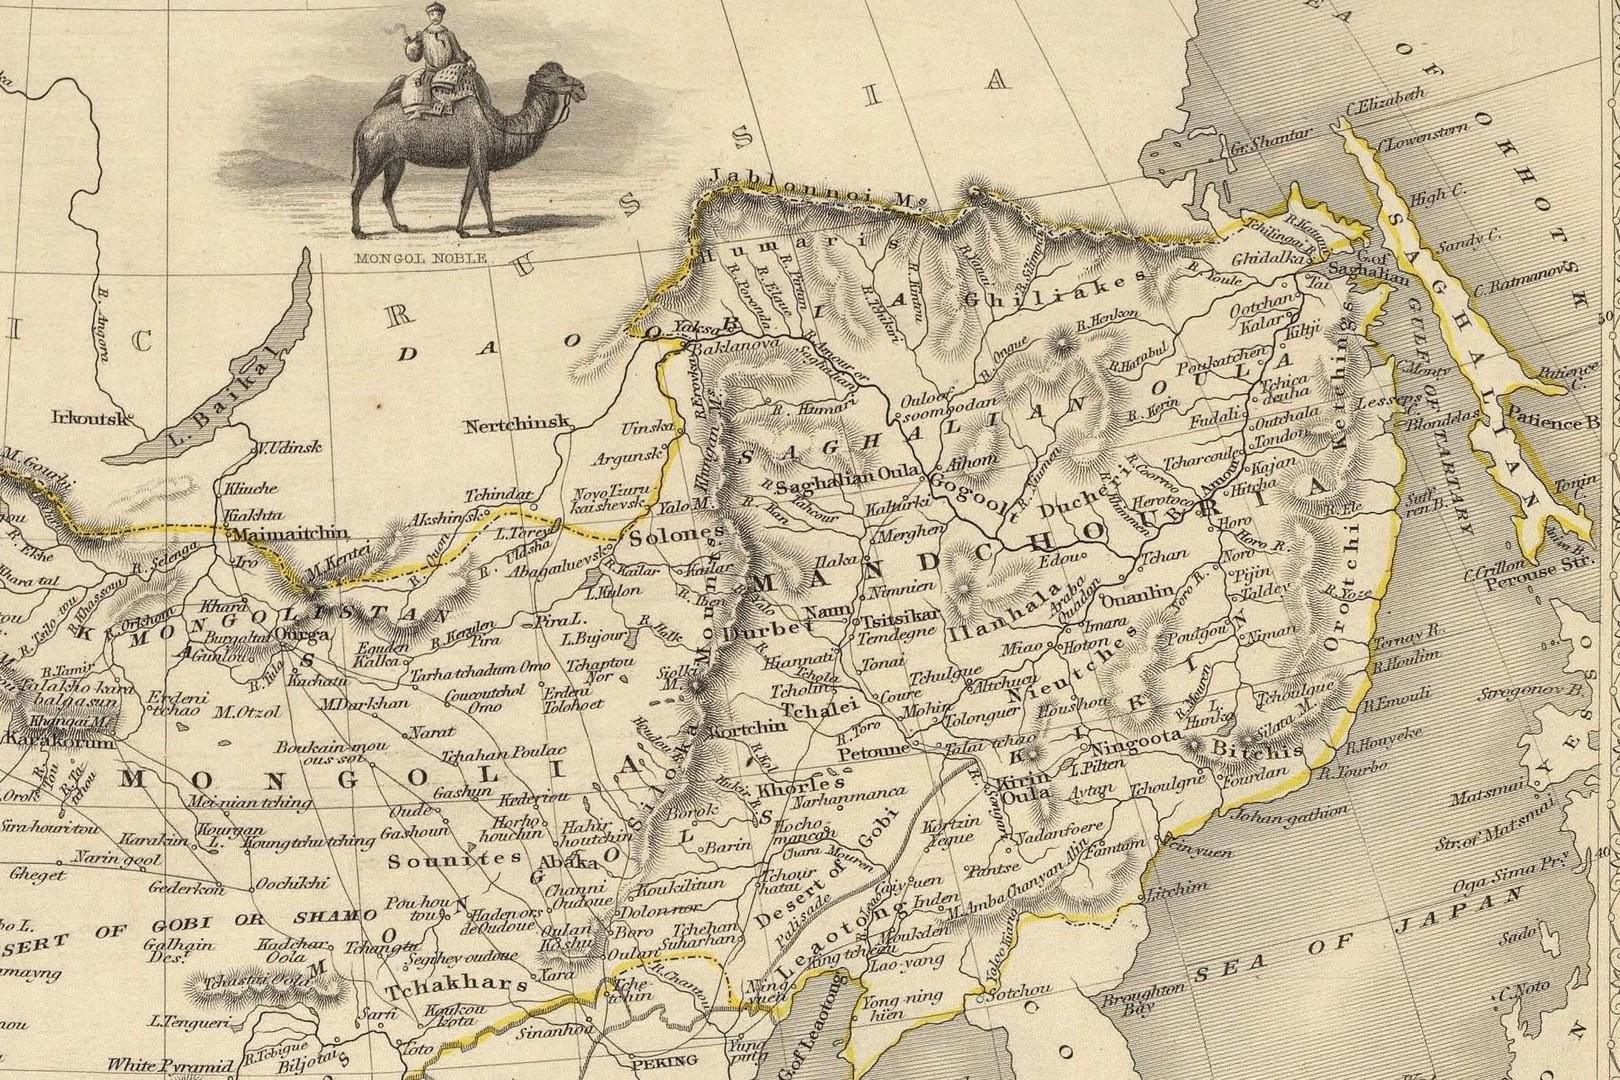 Karte von John Tallis, 1851: Hier wird erstmals der Begriff Mandschurei benutzt. Vorher war stets von